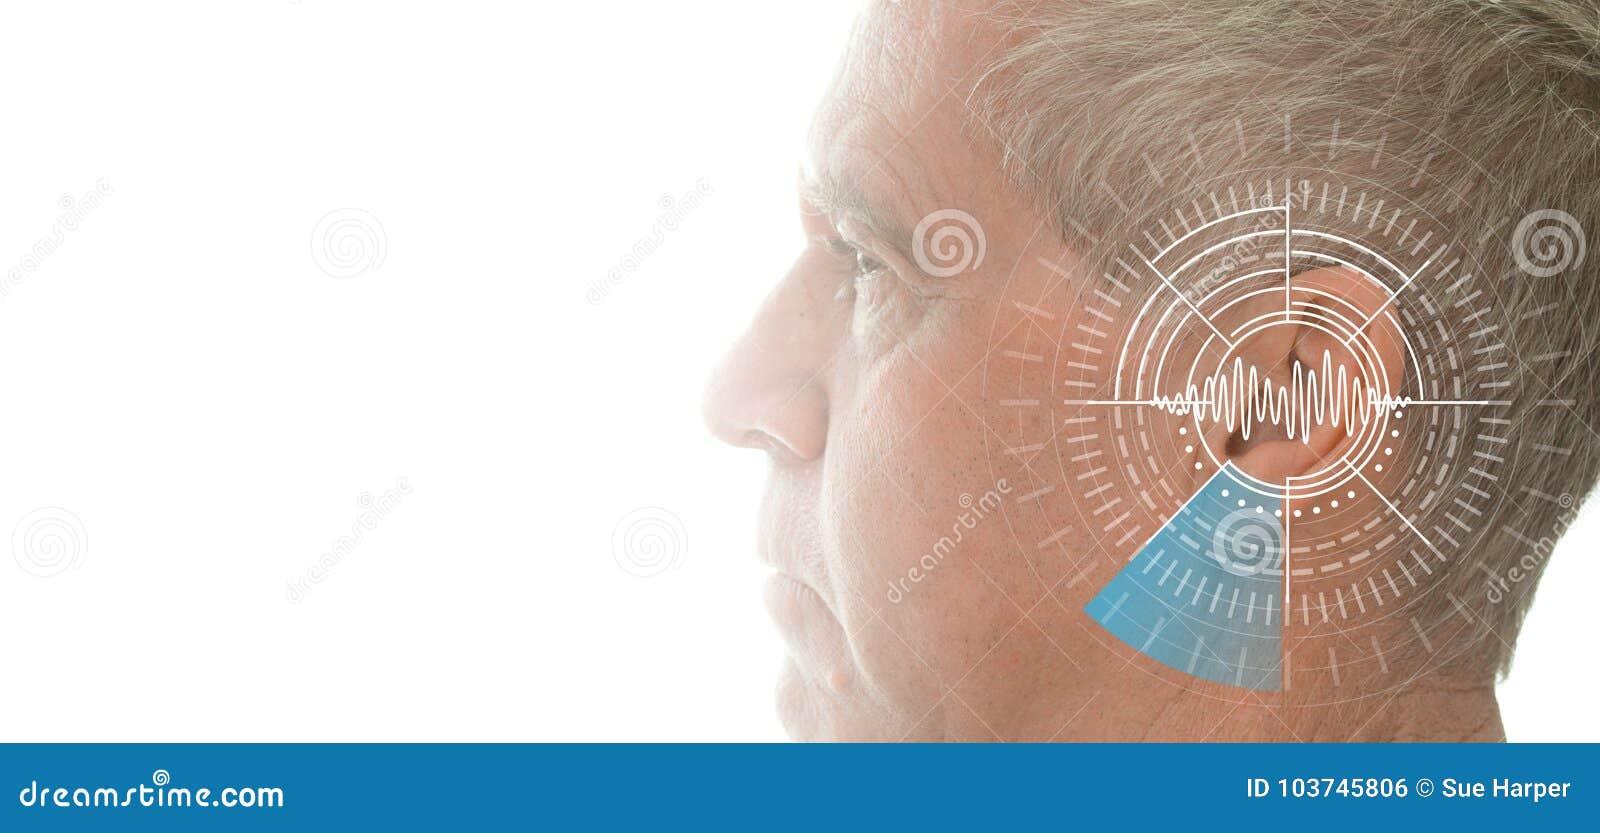 Teste de audição que mostra a orelha do homem superior com tecnologia da simulação das ondas sadias